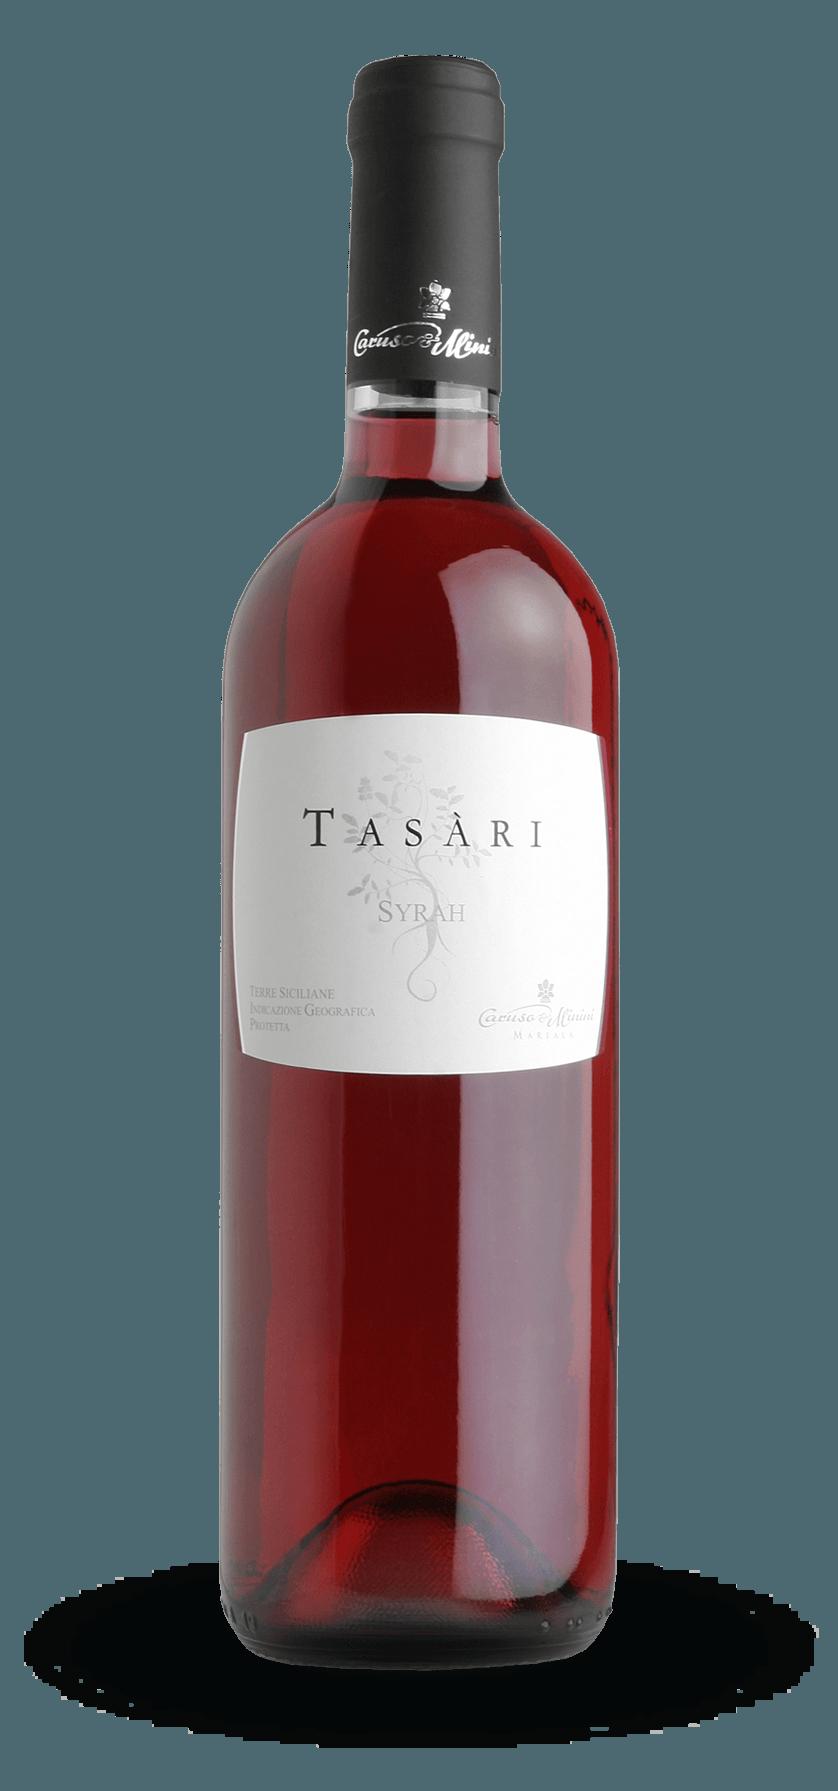 Tasari Syrah Rosato Terre Siciliane IGP | Sicitaly